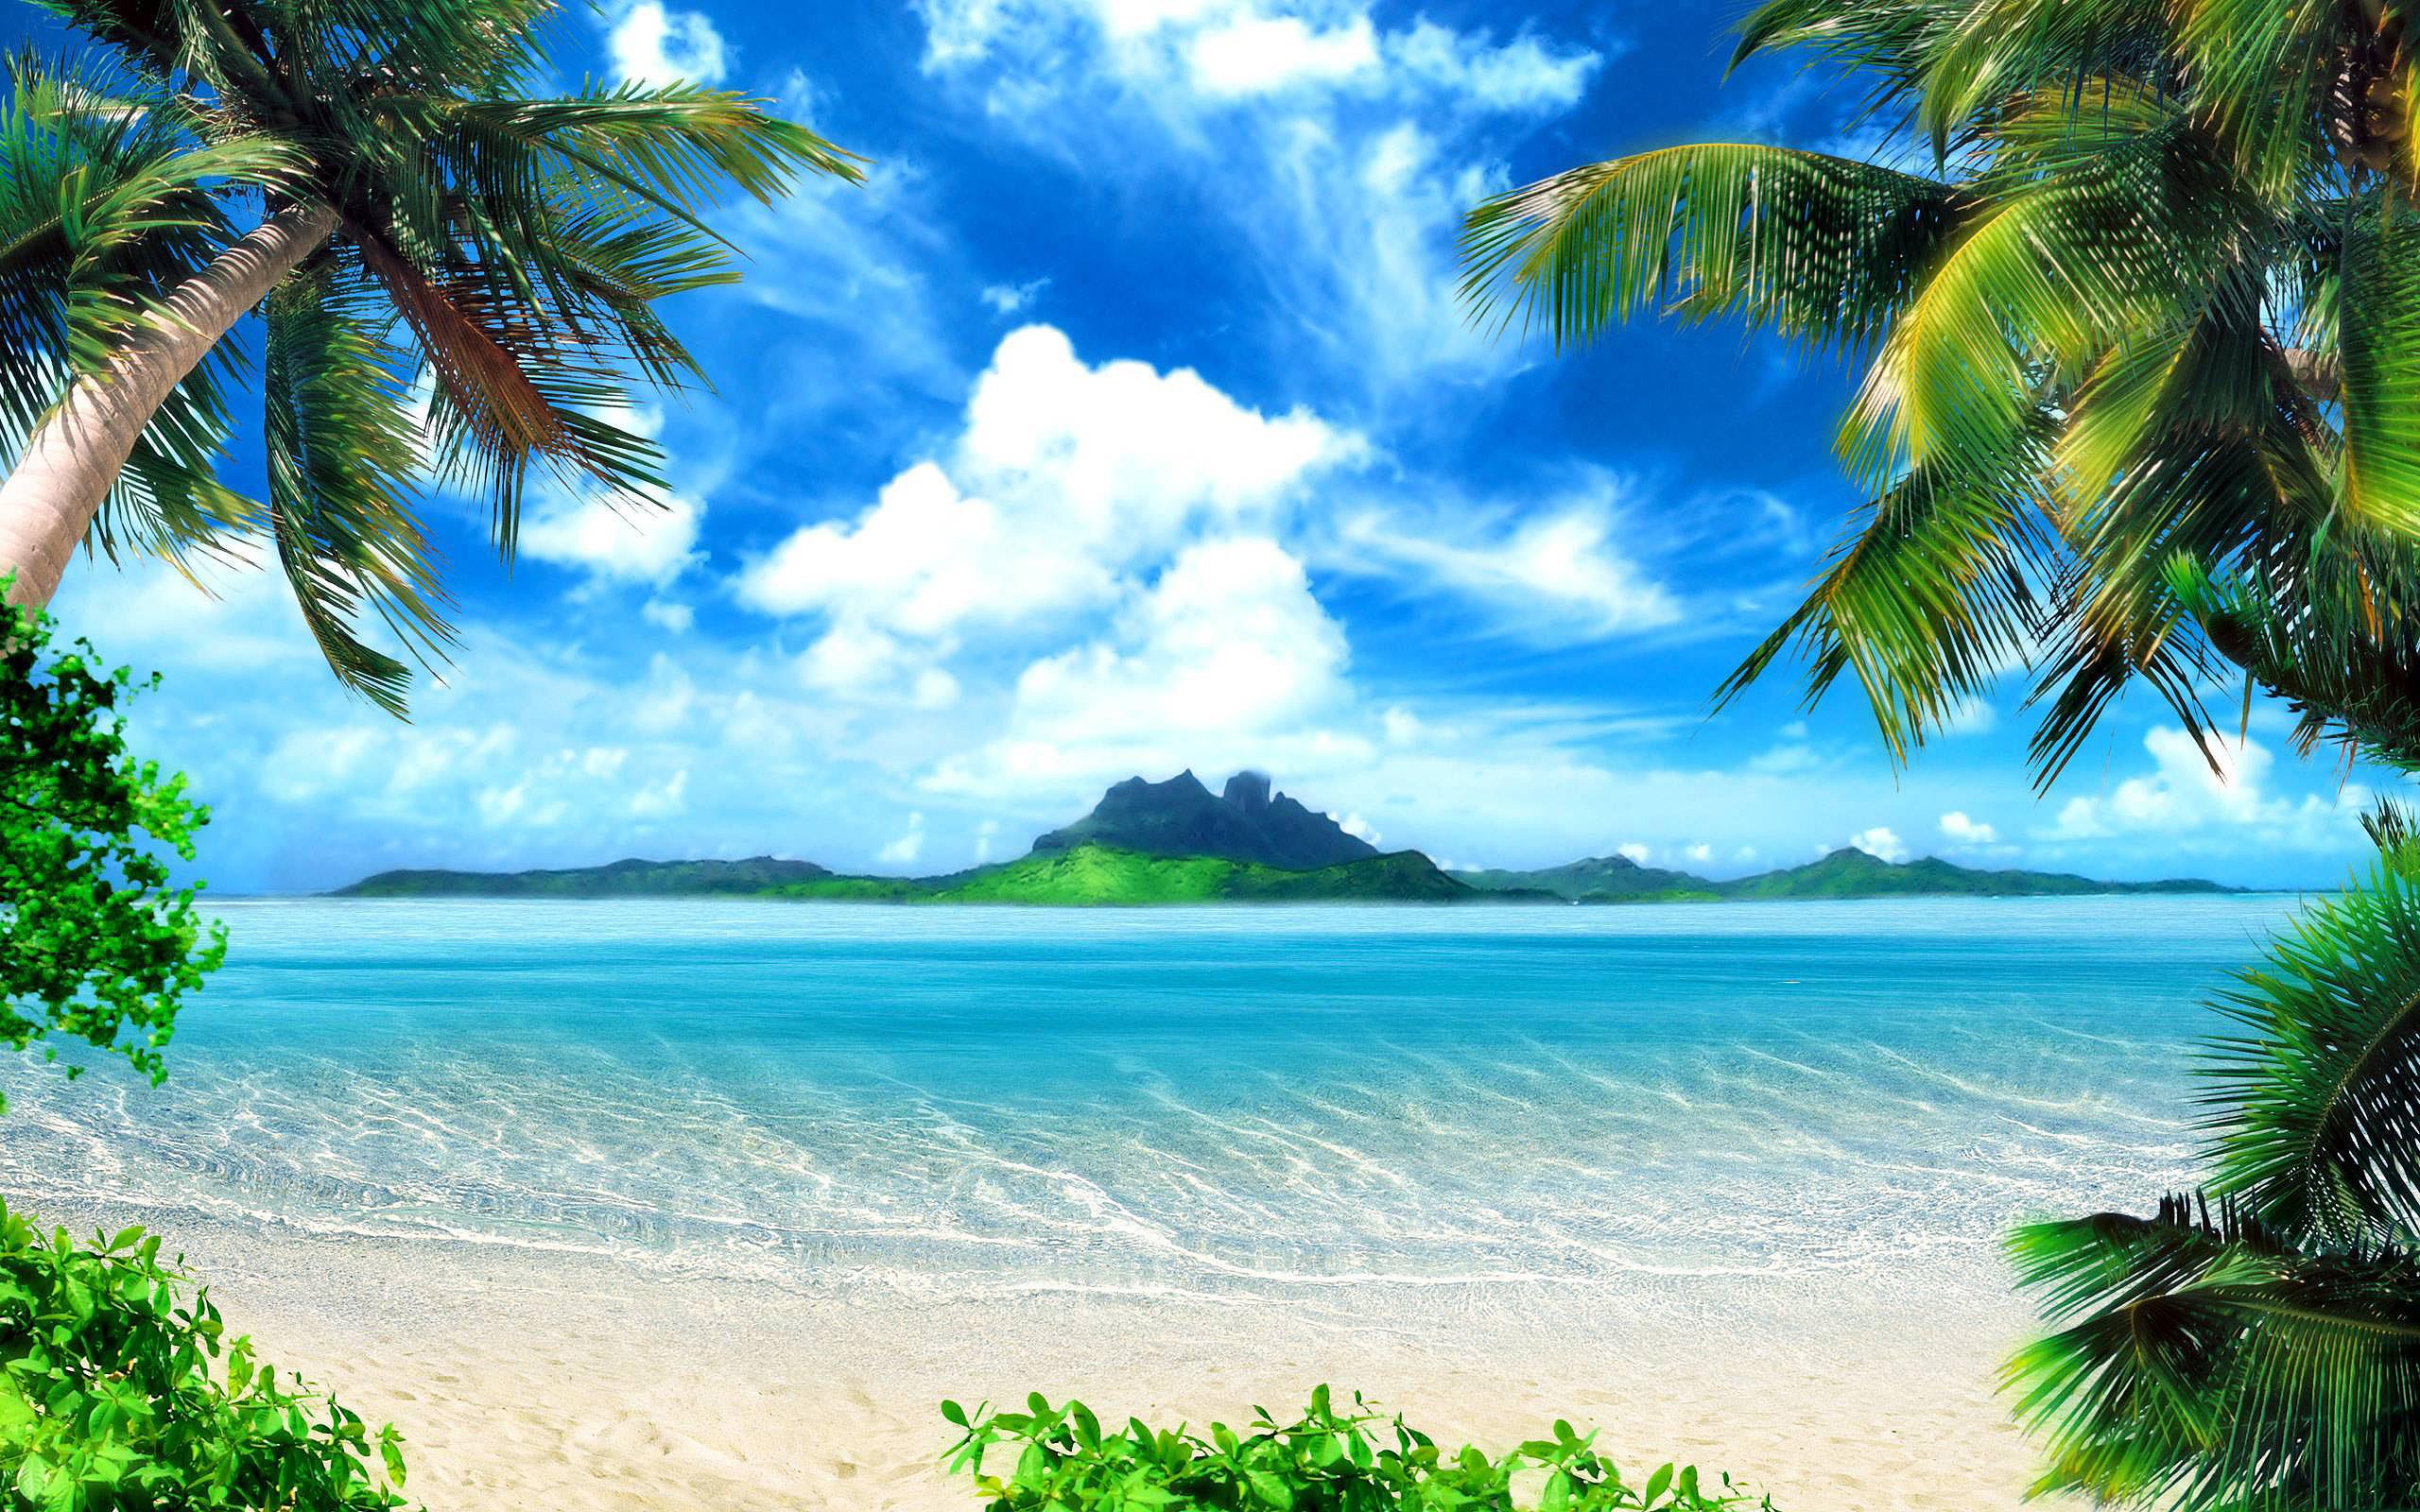 обои море пляж на рабочий стол скачать бесплатно 1920x1080 № 230431 бесплатно